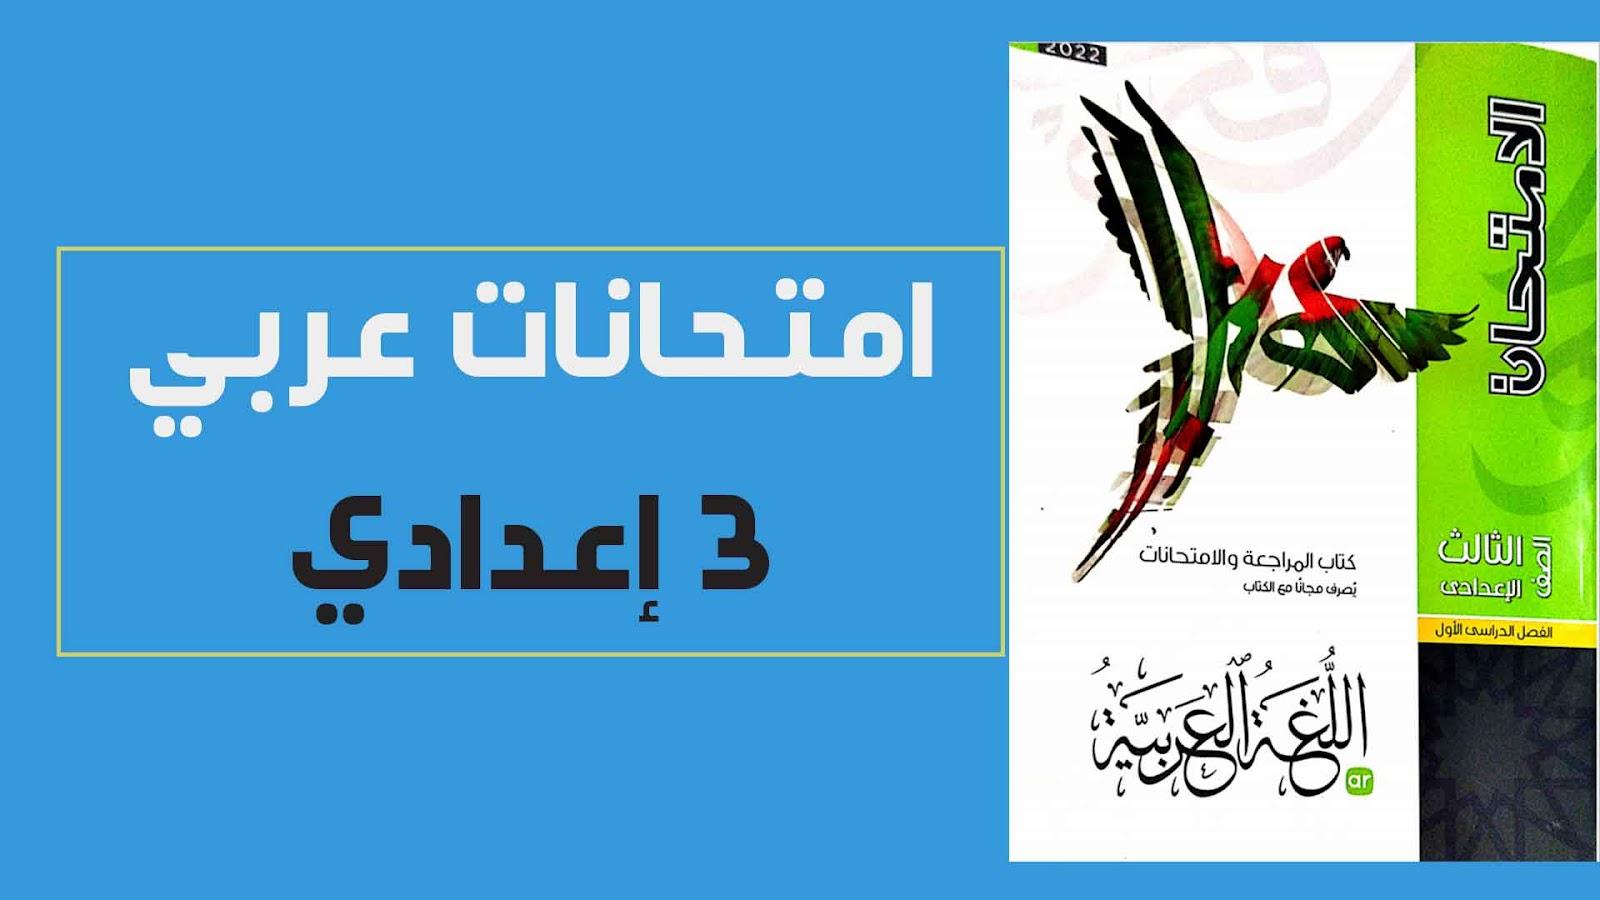 تحميل كتاب الامتحان فى اللغة العربية pdf (كتاب الإمتحانات والأسئلة ) للصف الثالث الاعدادى الترم الاول 2022 (النسخة الجديدة)